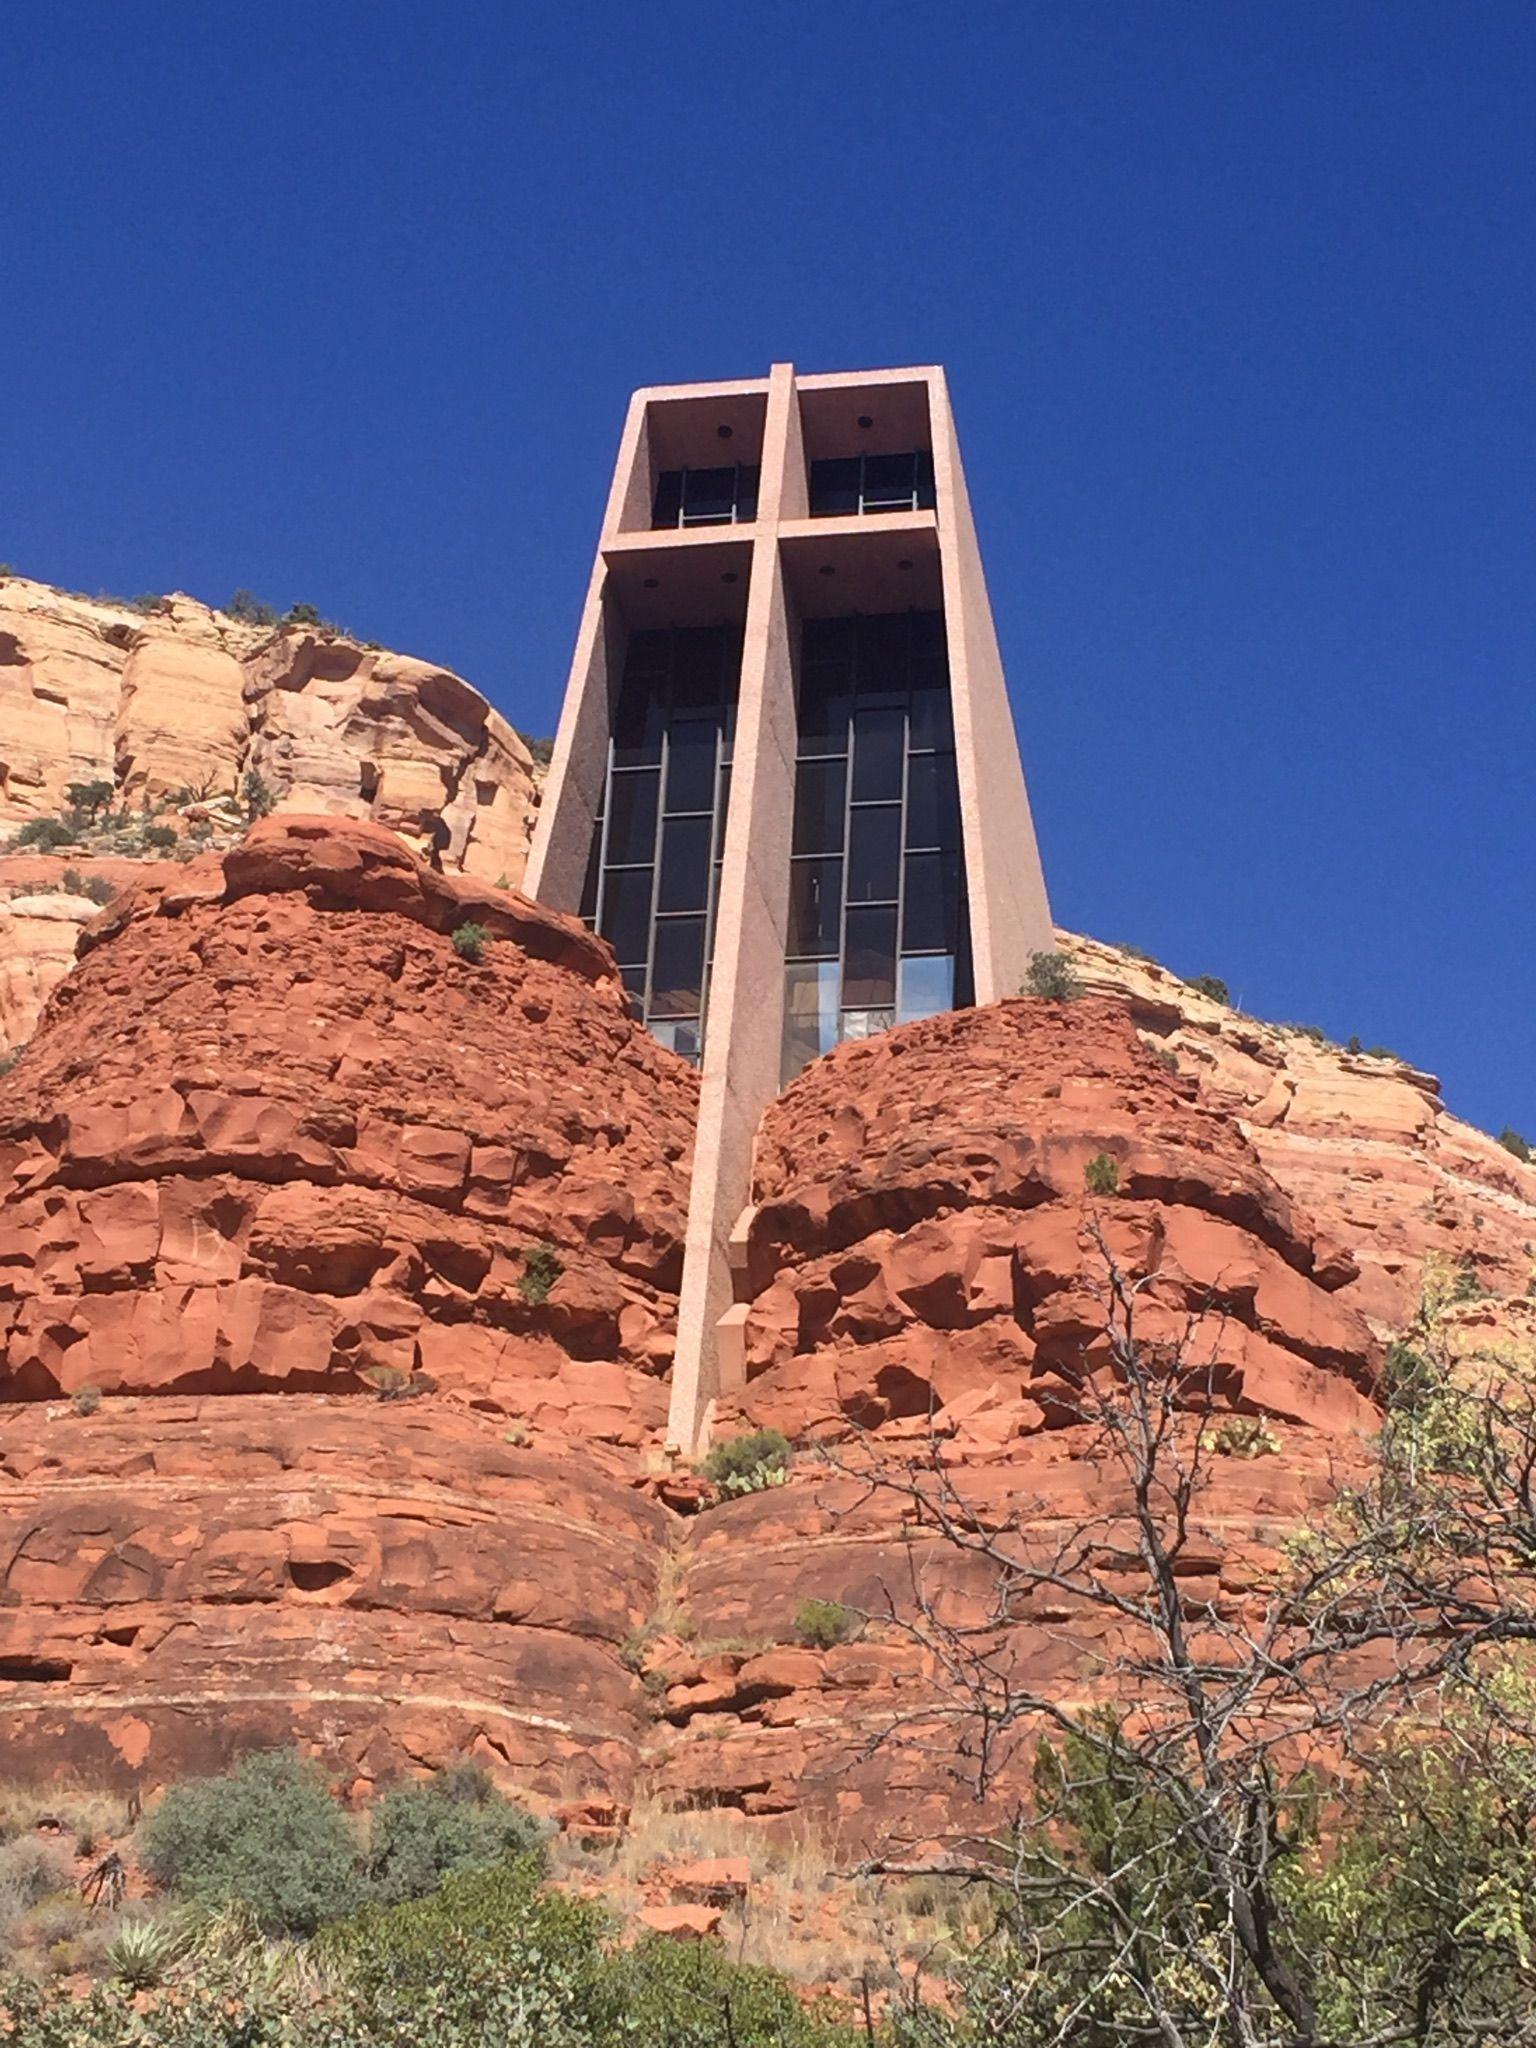 Chapel The Holy Cross Sedona AZ October 2017 Sedona